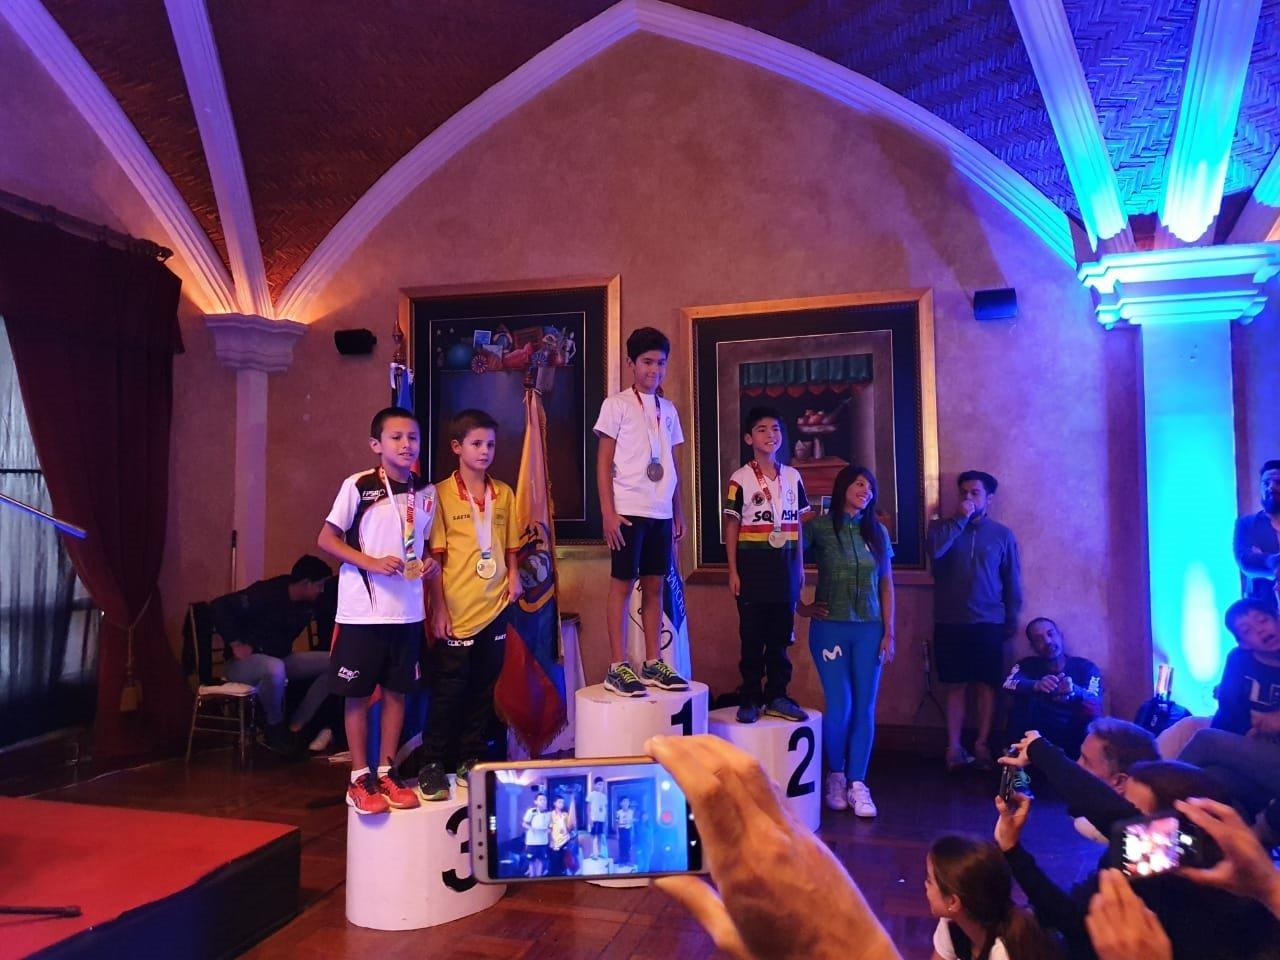 Bolivia logra tres medallas en el Sudamericano de Squash en Quito